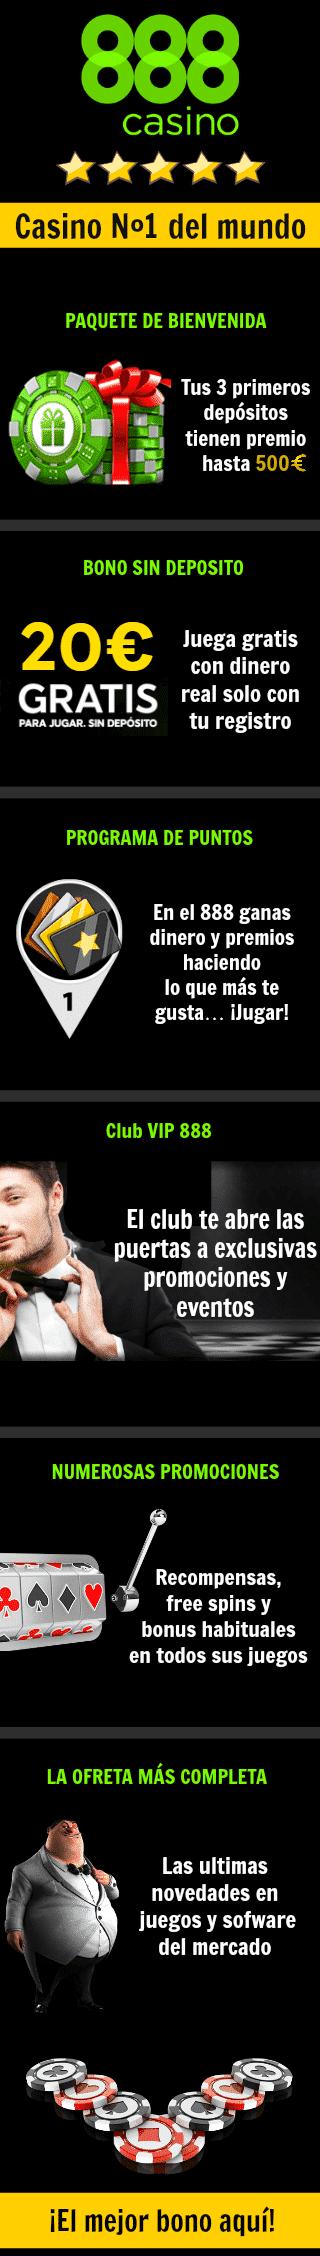 888casino-online-promociones-con-deposito-y-sin-deposito-club-vip-y-promociones-888